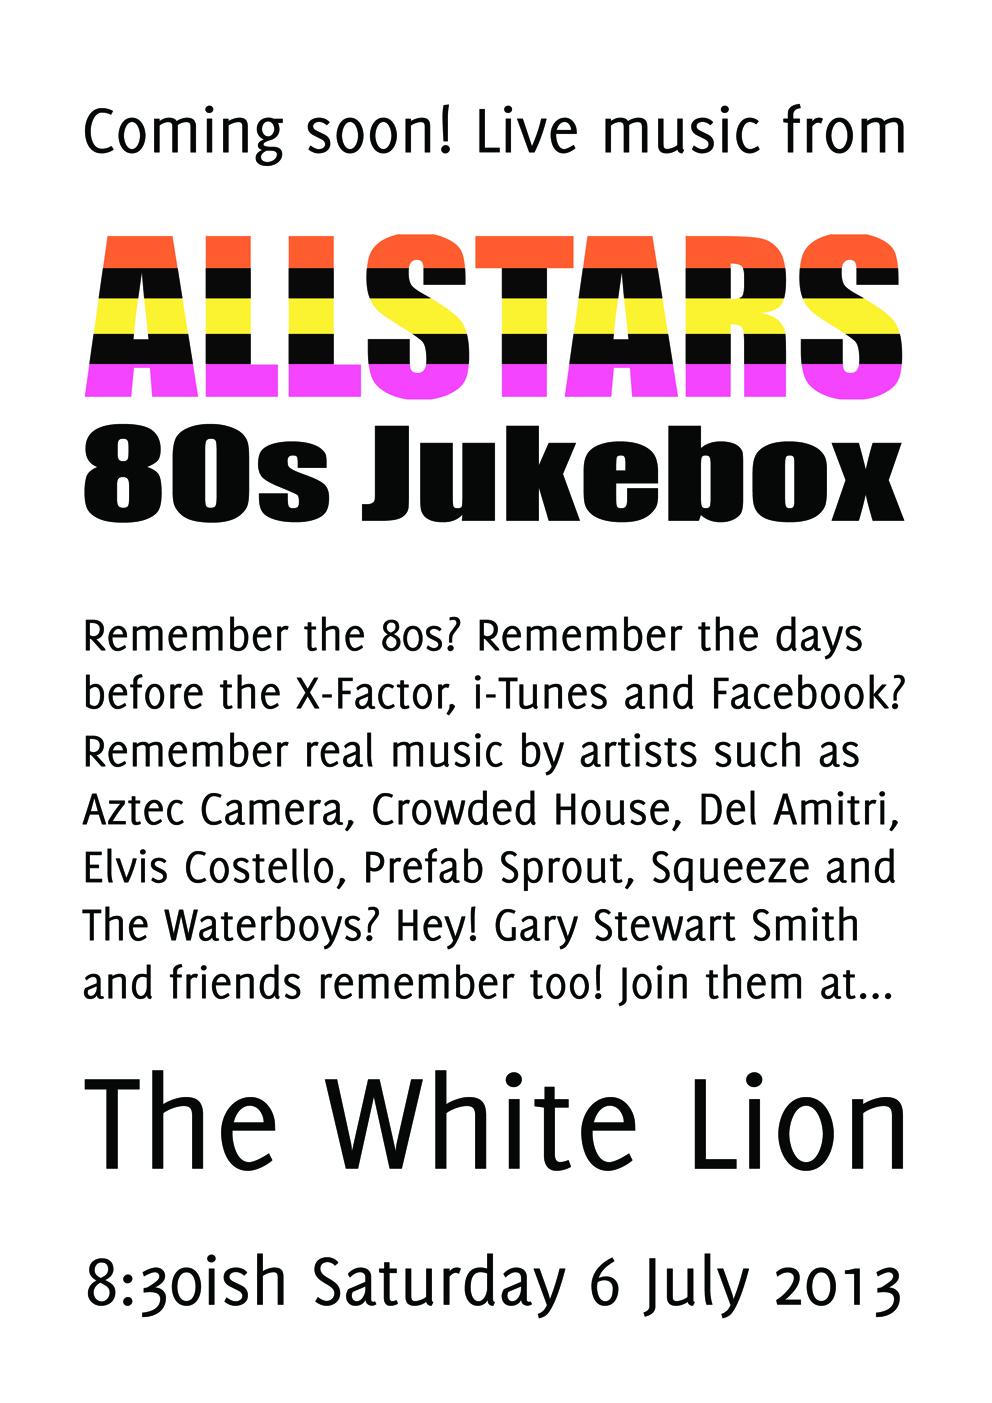 white lion 6 july 2013